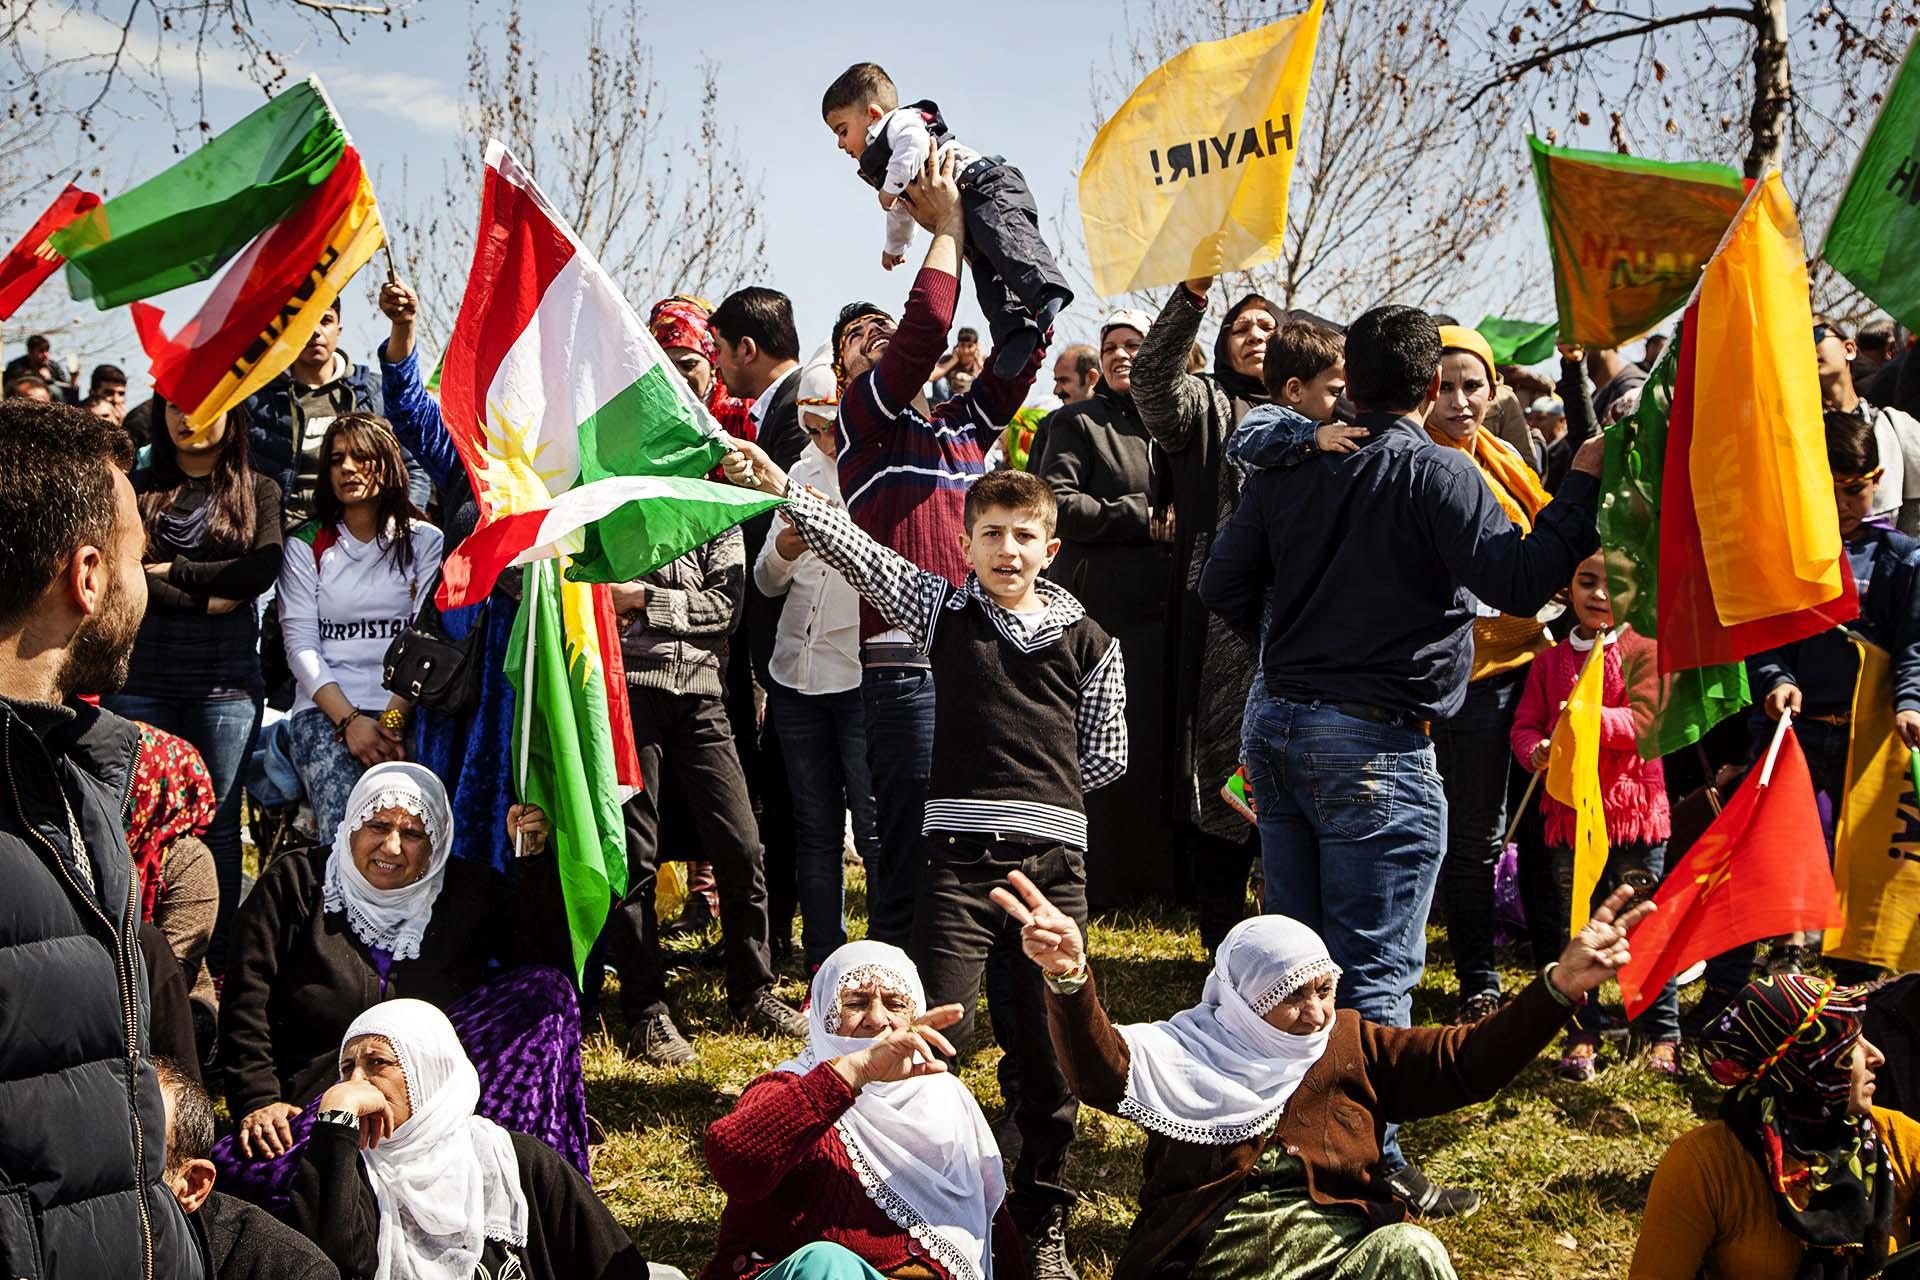 Celebración del año nuevo kurdo (Newroz) en Diyarbakir.